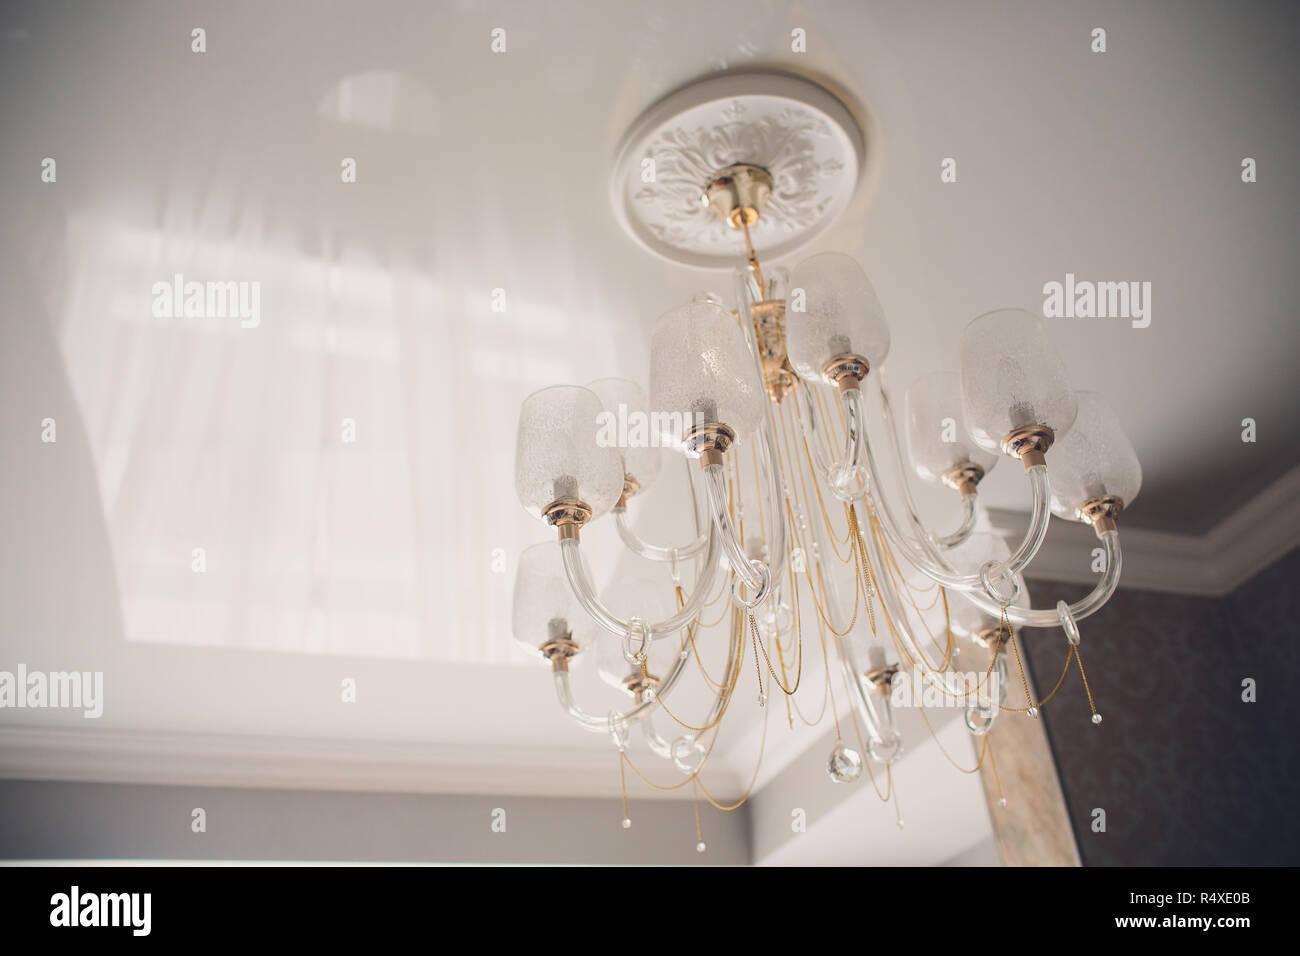 Moderne Kronleuchter Mit Schirm ~ Moderne kronleuchter aus der glühlampen hergestellt stockfoto